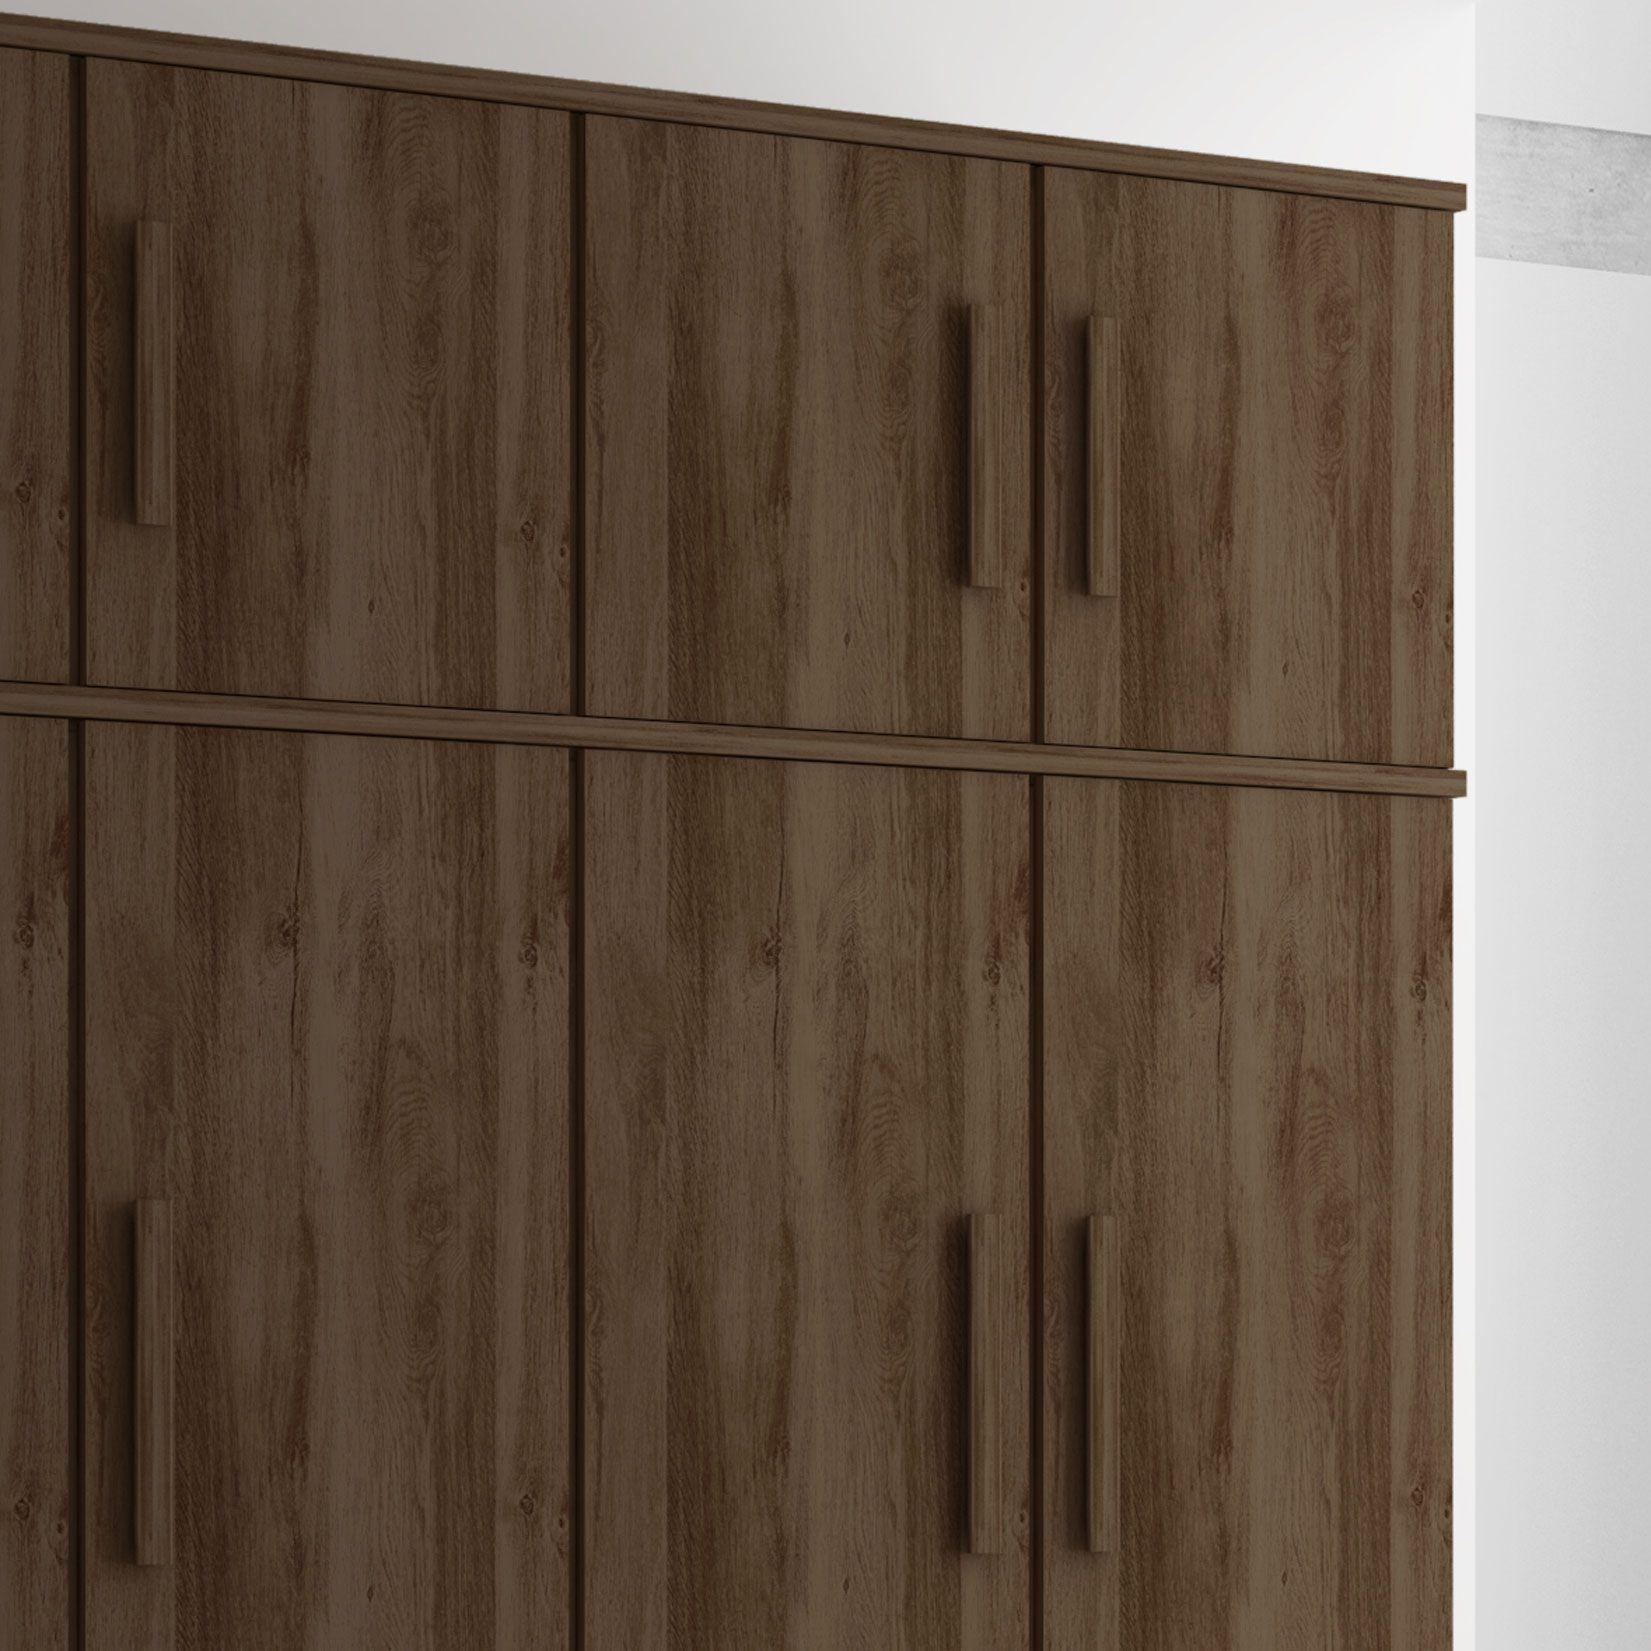 Guarda-Roupa Madri 5 Portas Capucino - Germai Móveis